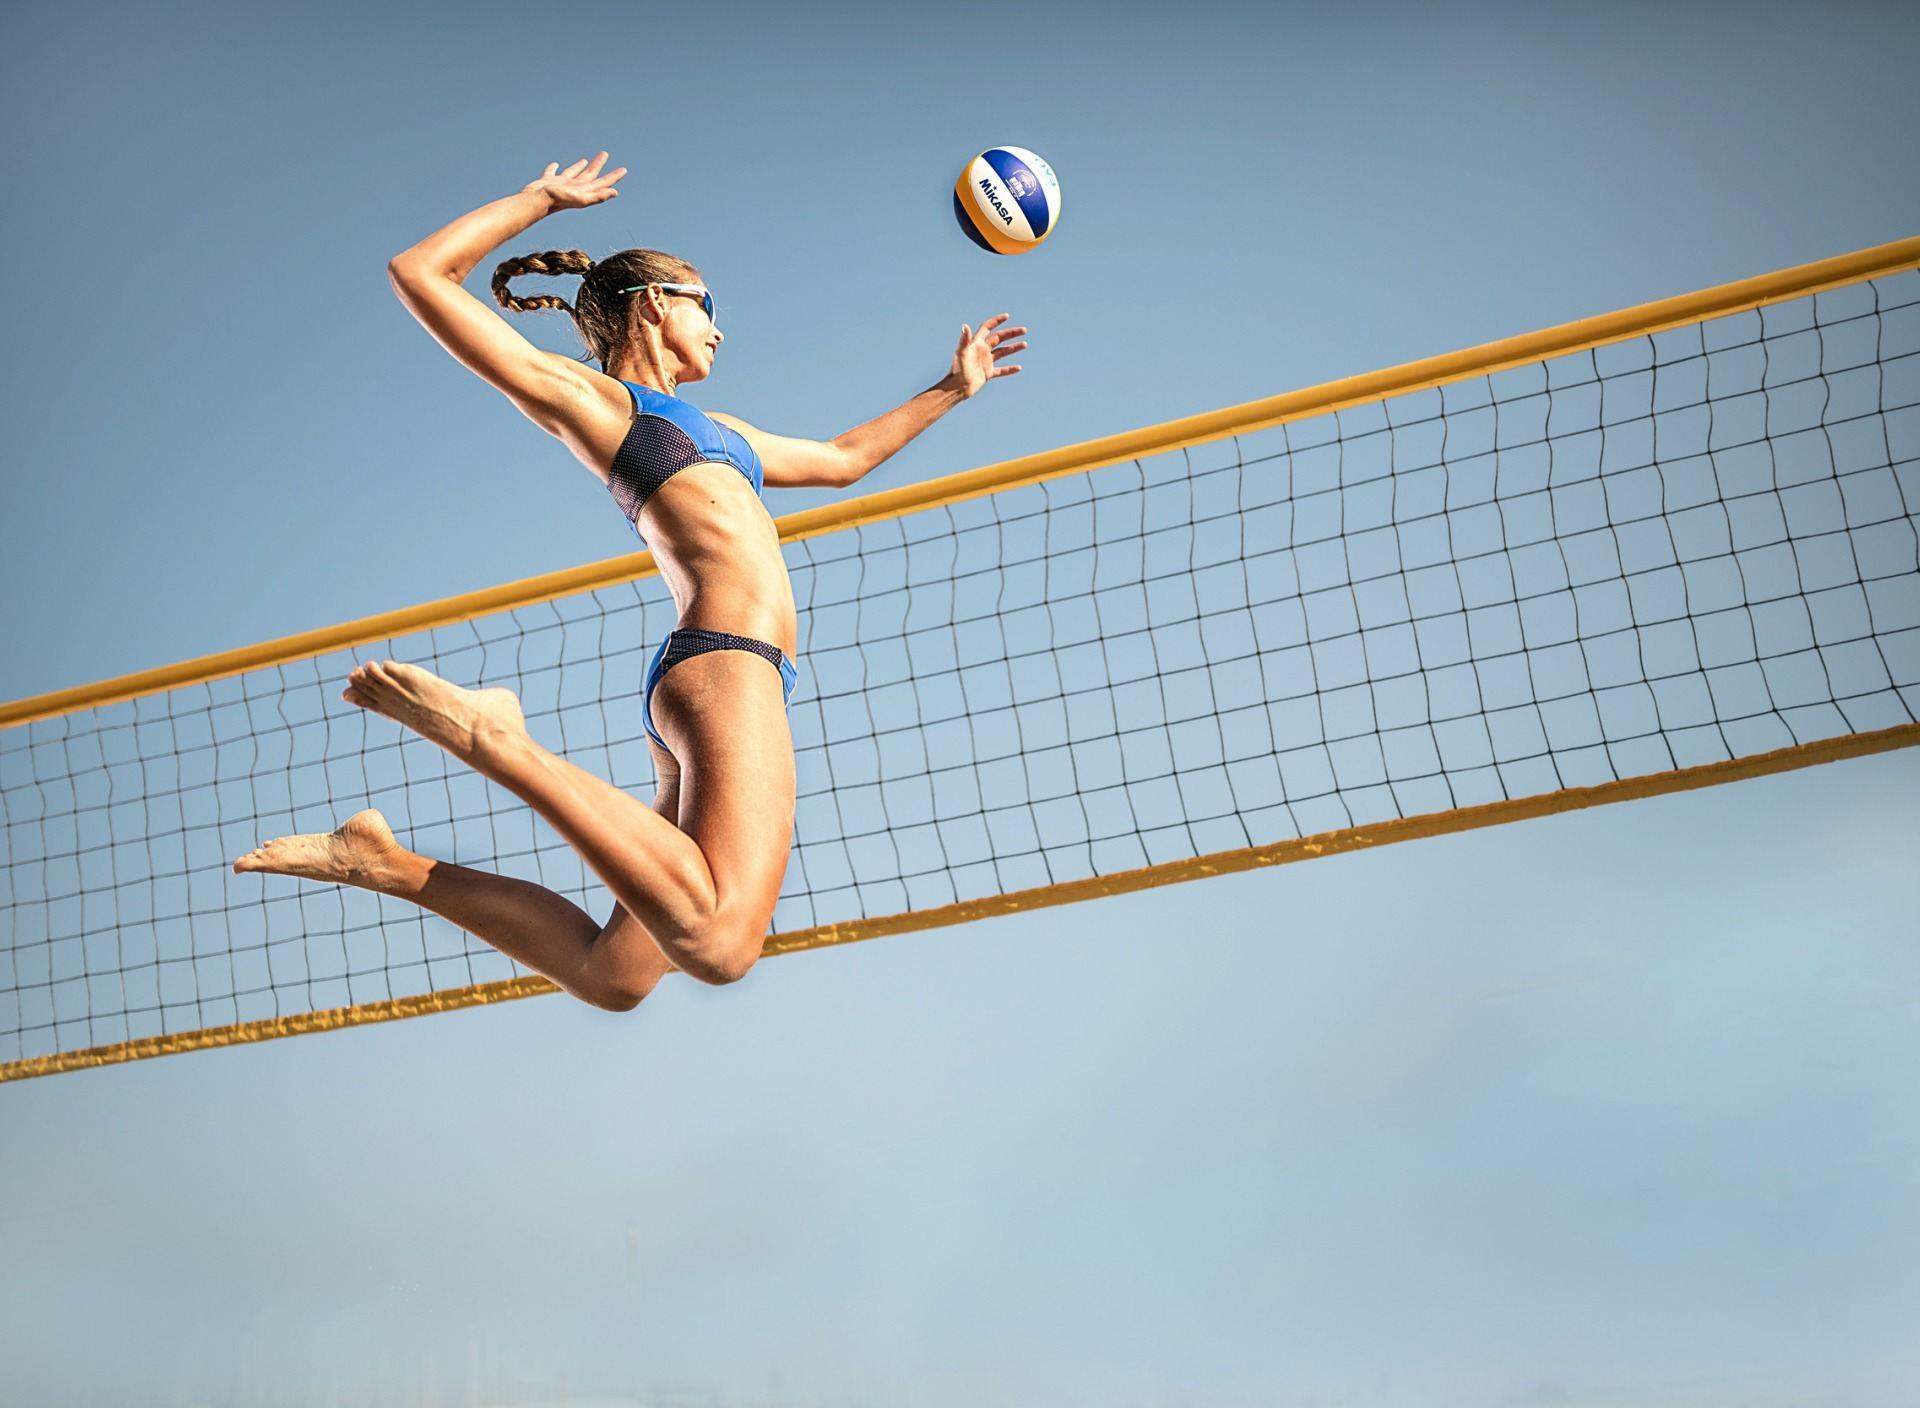 Упражнения на вертикальный прыжок